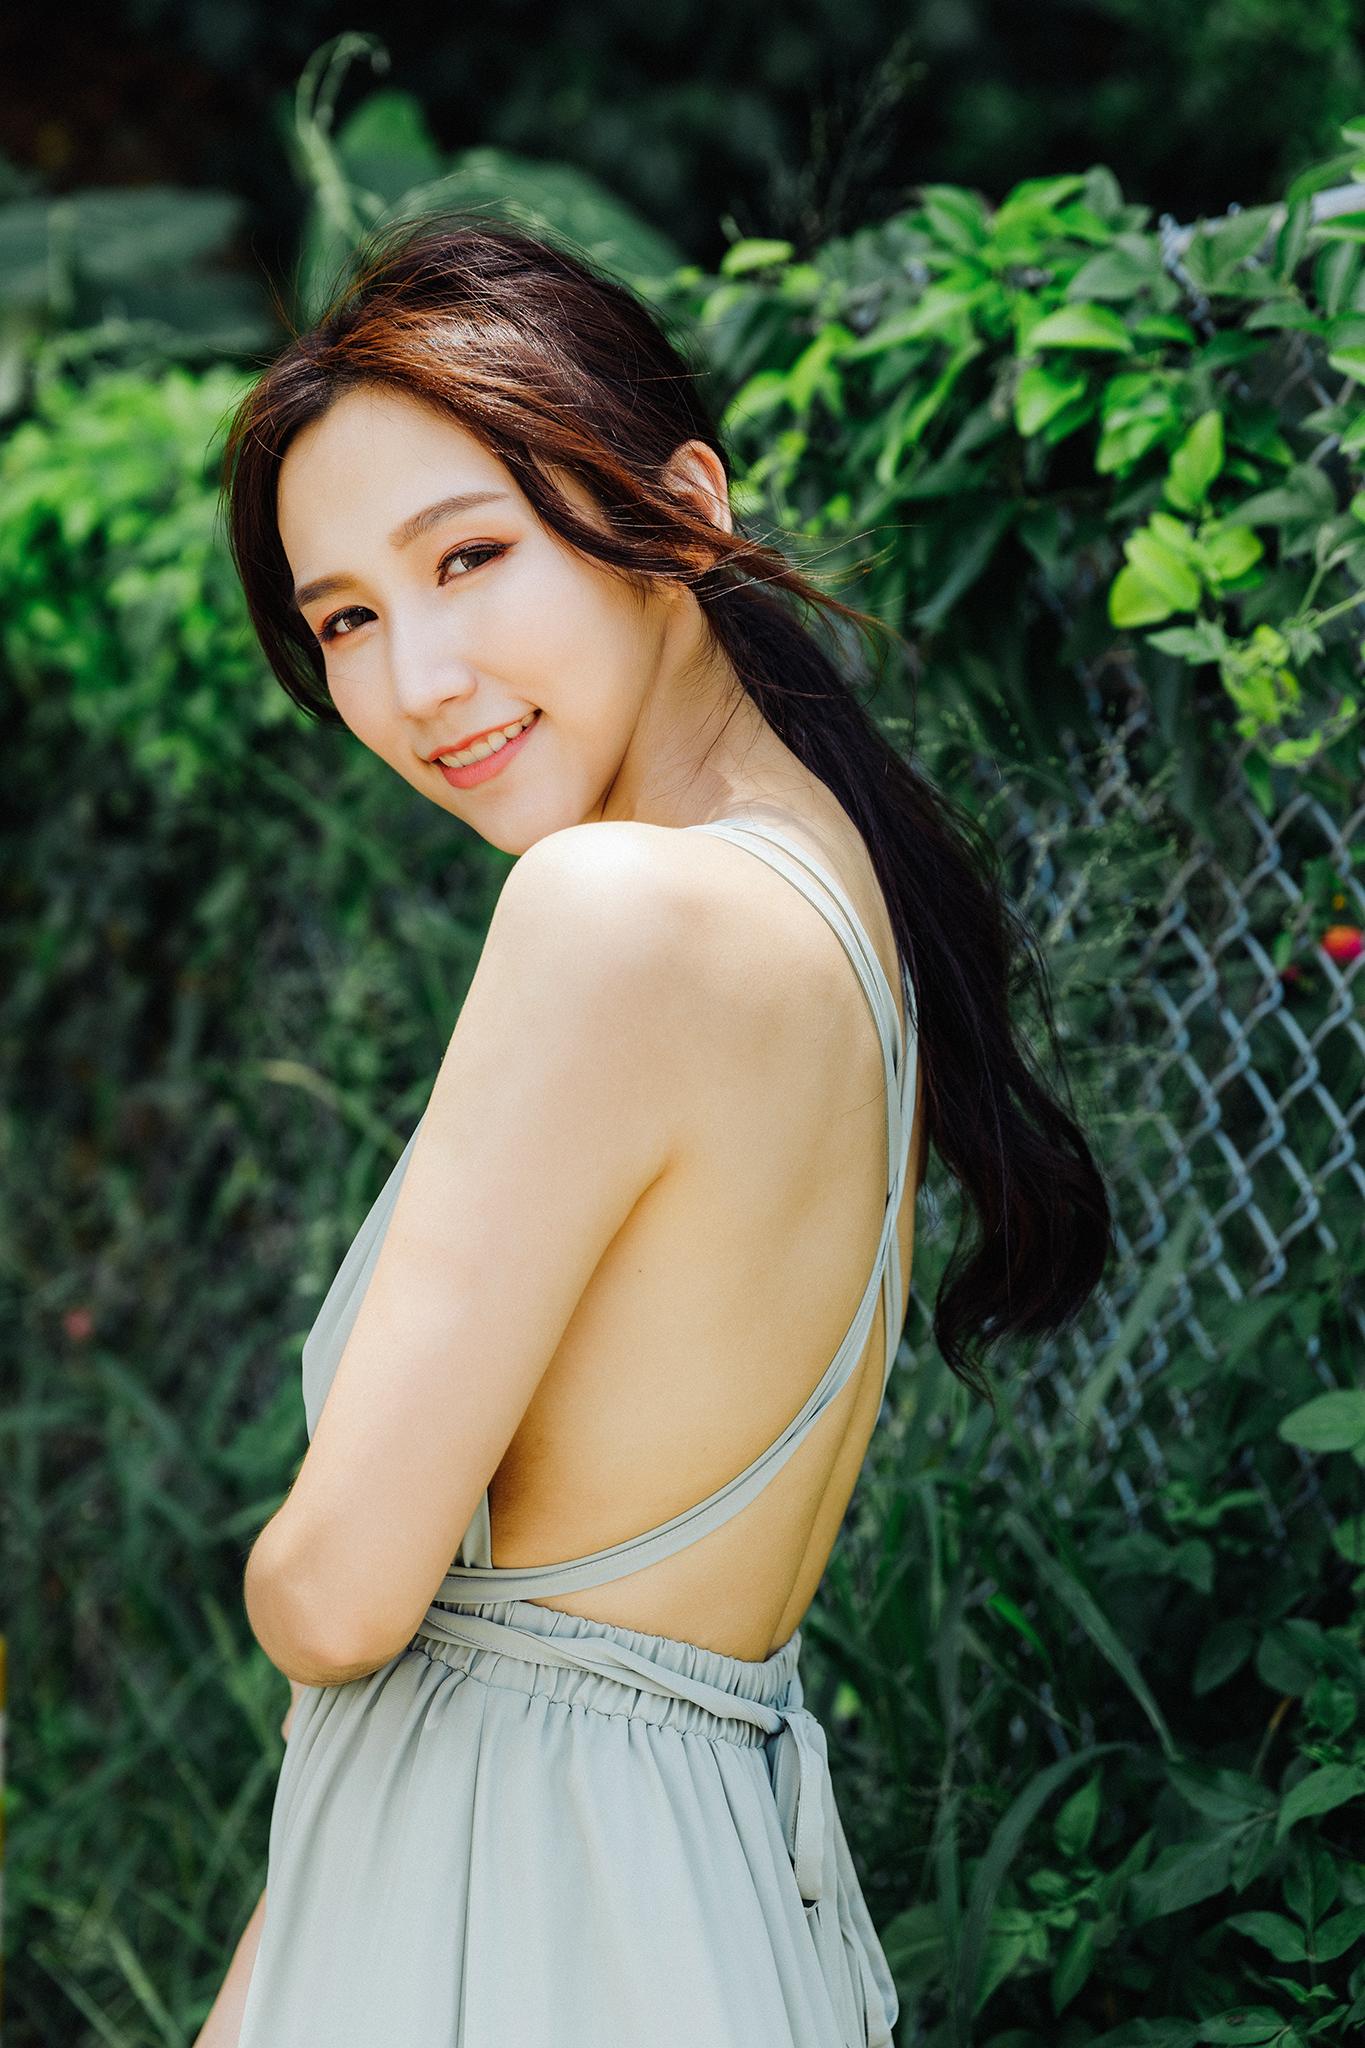 48592175466 339feccbee o - 【自主婚紗】+Ying&Wiwi+